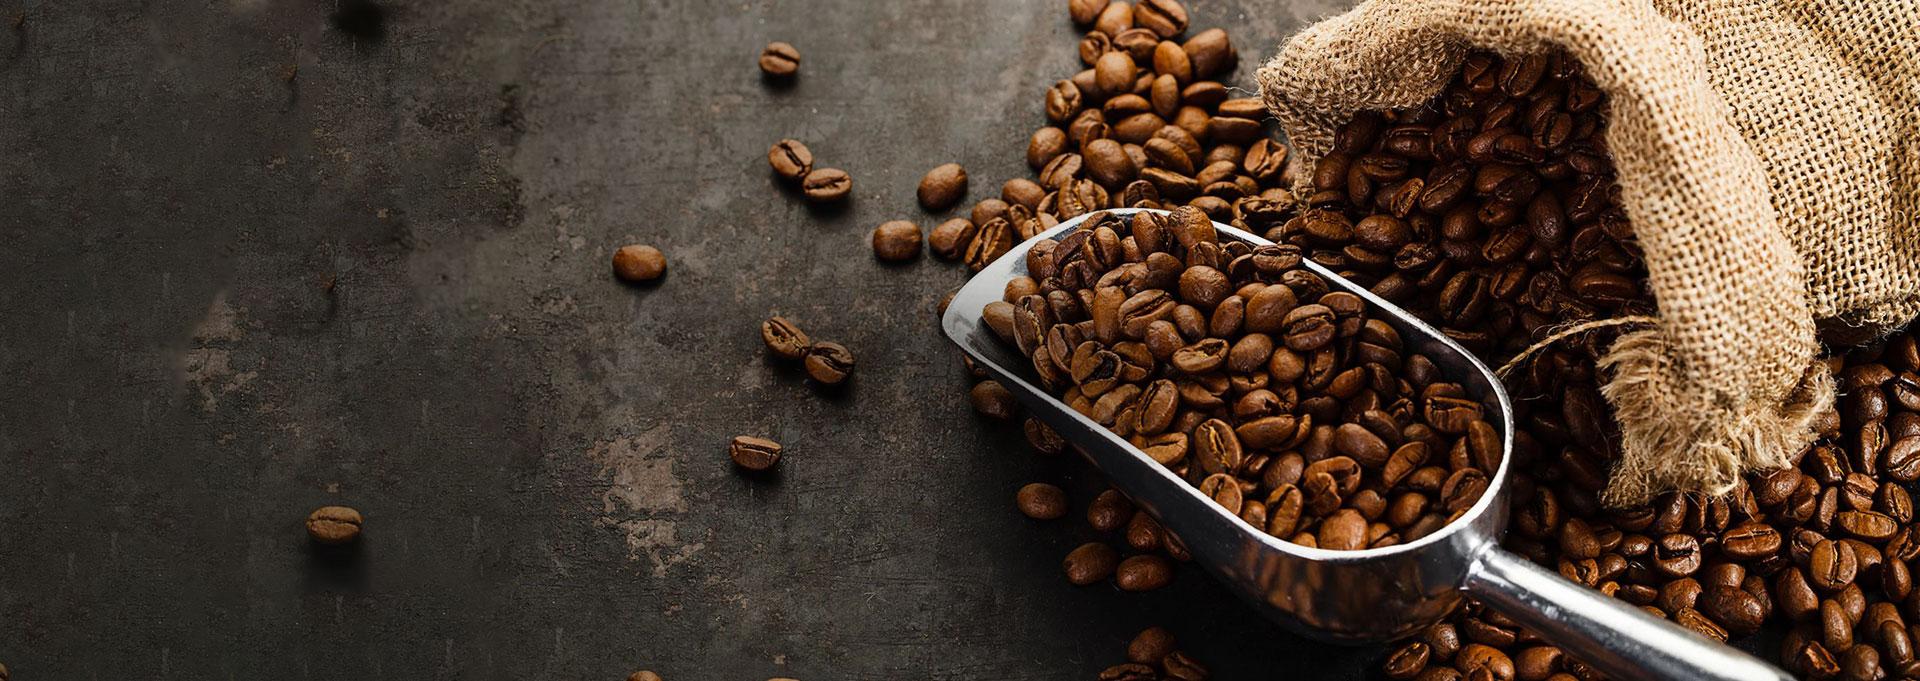 Обжарка и поставка кофе в любых объемах - slide